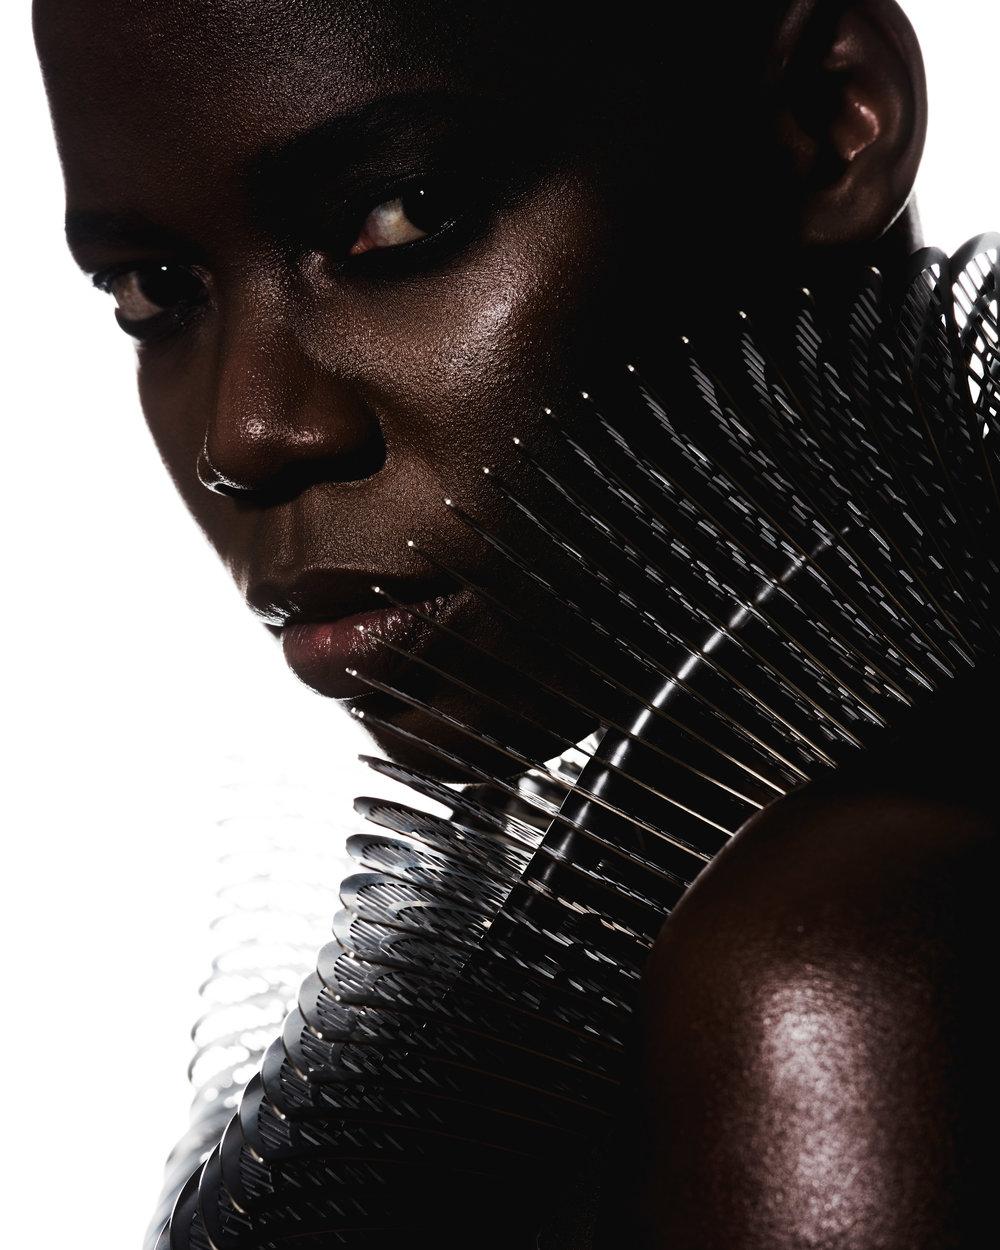 Photograph: Chris Bulezuik  Model: Karen Bengo  Makeup: Katie Moore